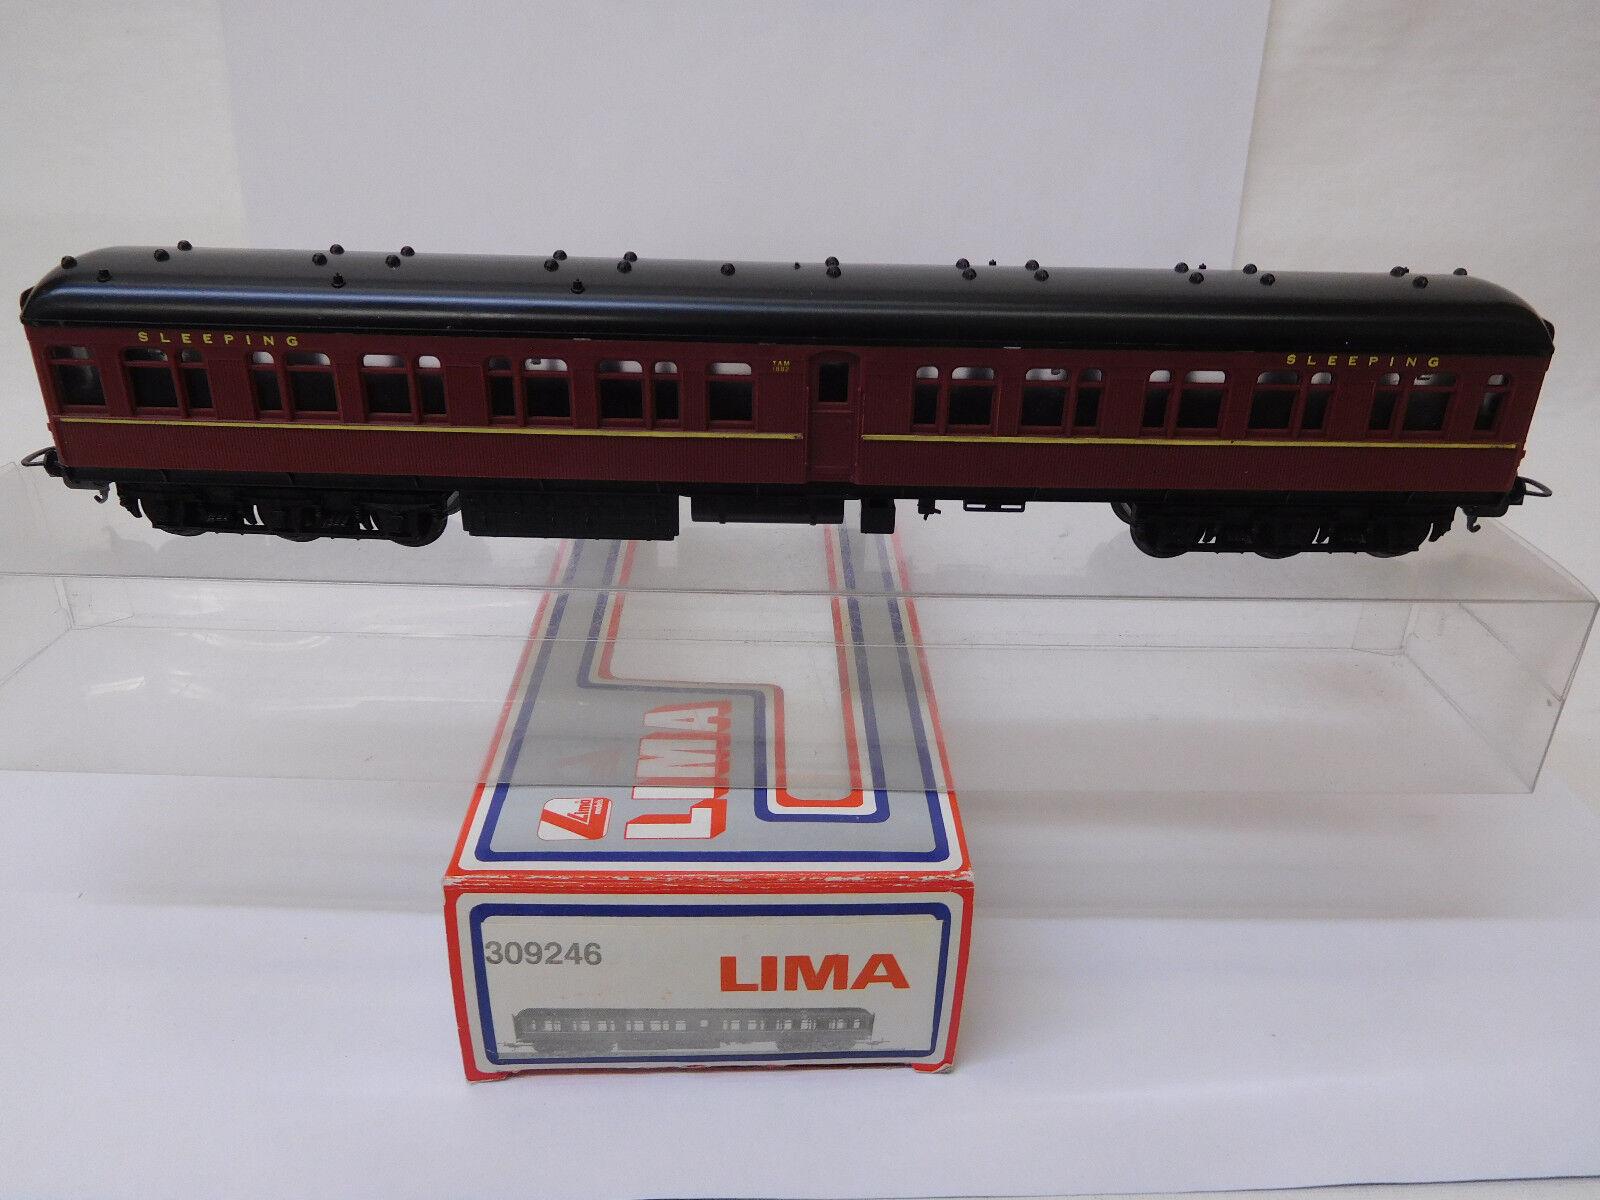 Mes54410 LIMA 309246 h0 vagone letto tam 1882 ottime condizioni